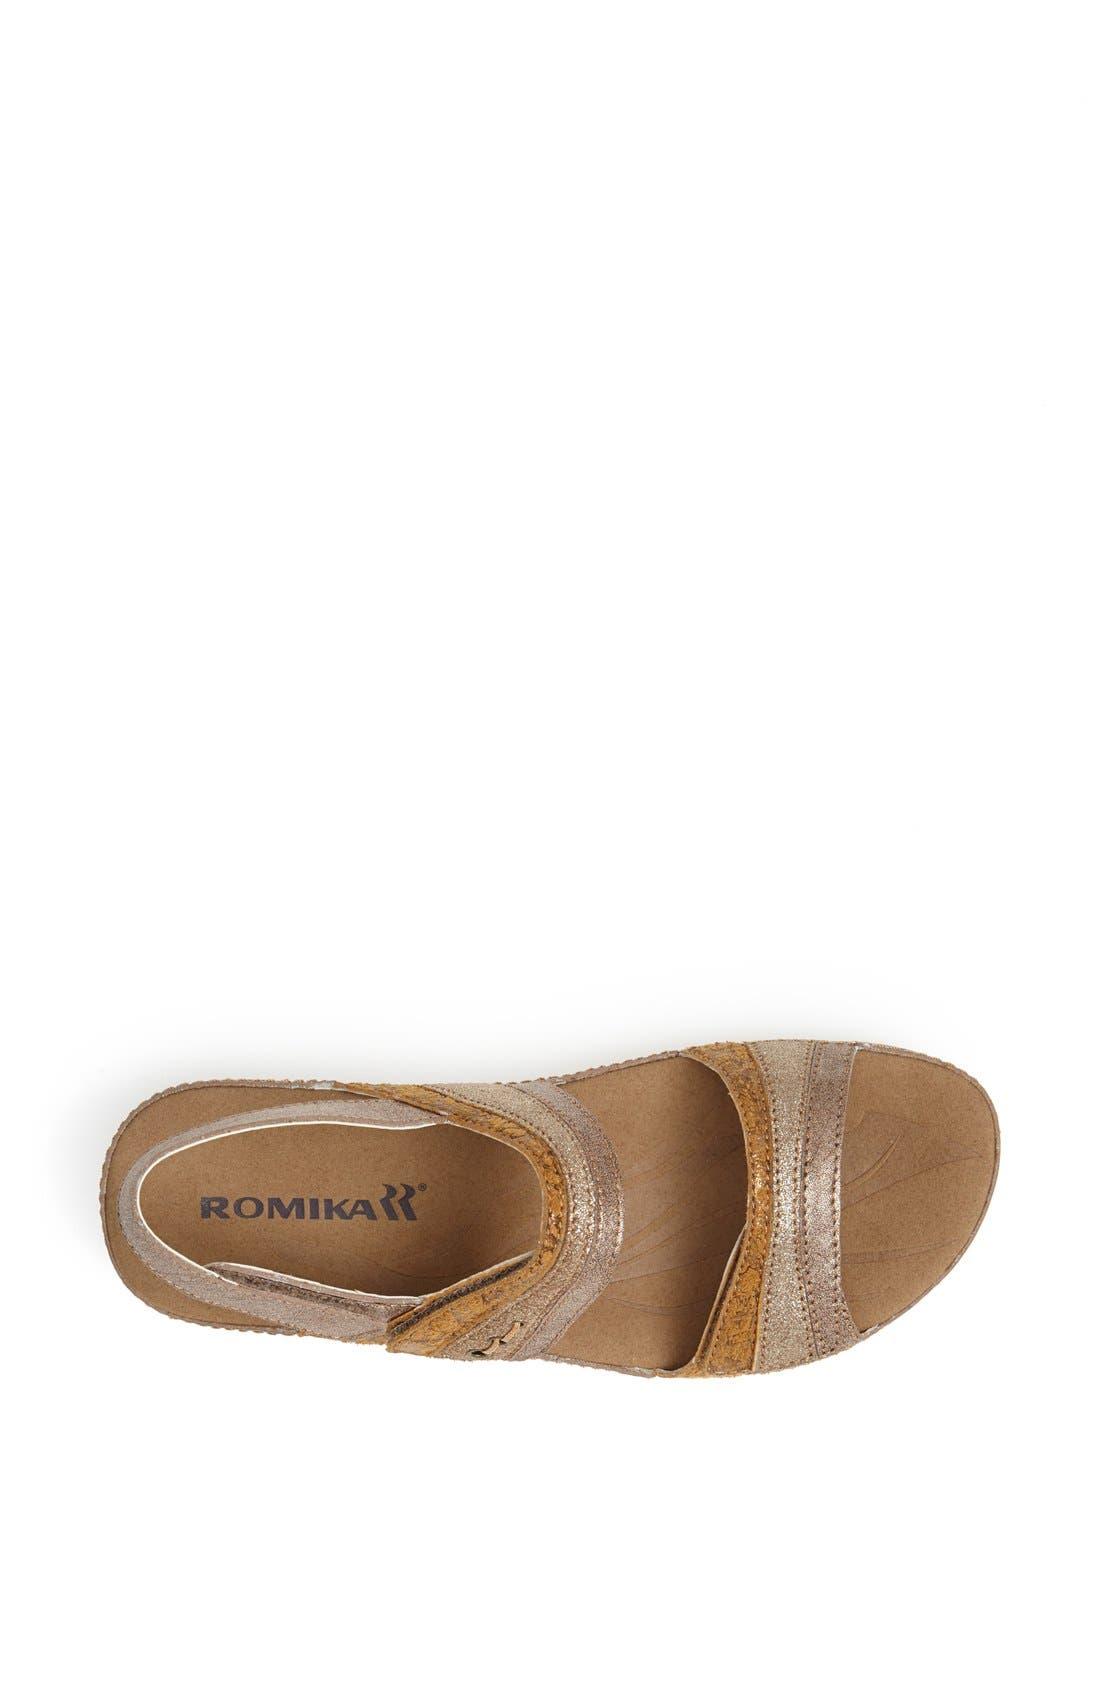 Alternate Image 3  - Romika® 'Fidschi 05' Sandal